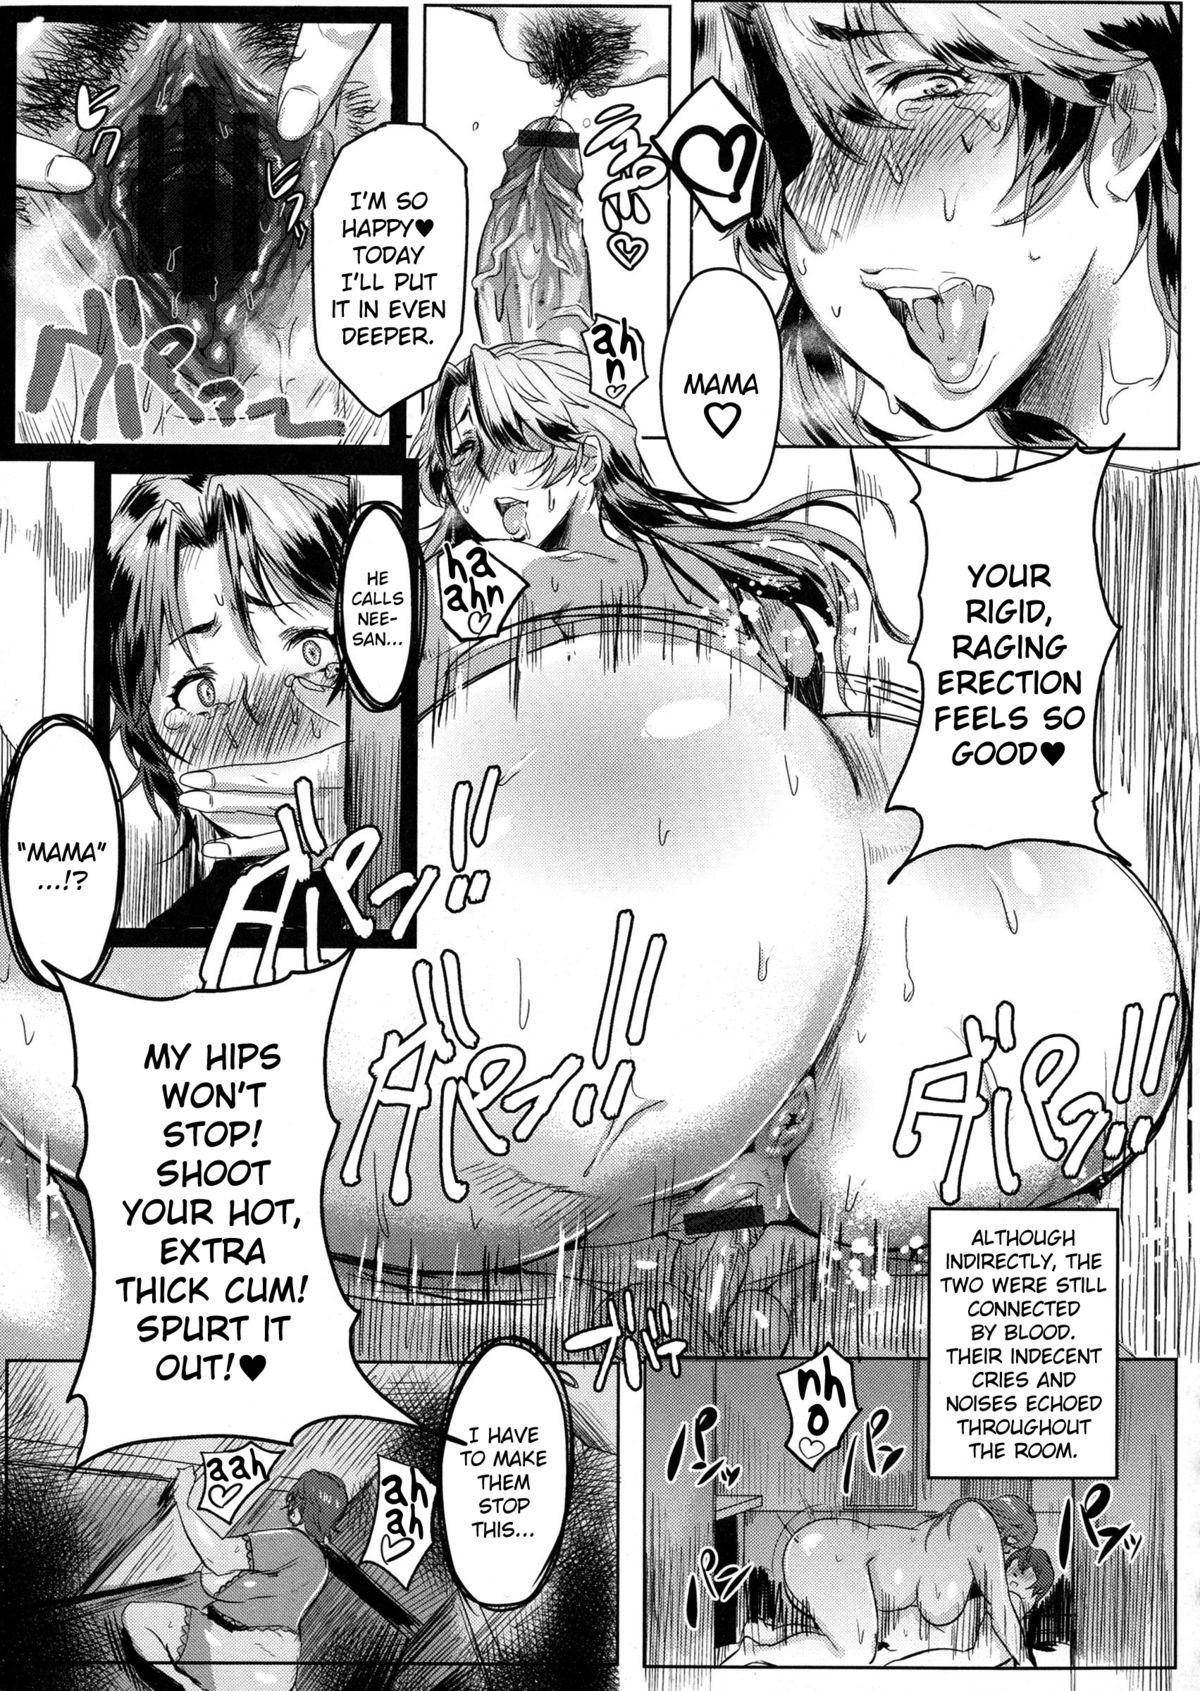 Ryakudatsu! Musuko Chinpo Love | Plunder! Son's Dick Love 2